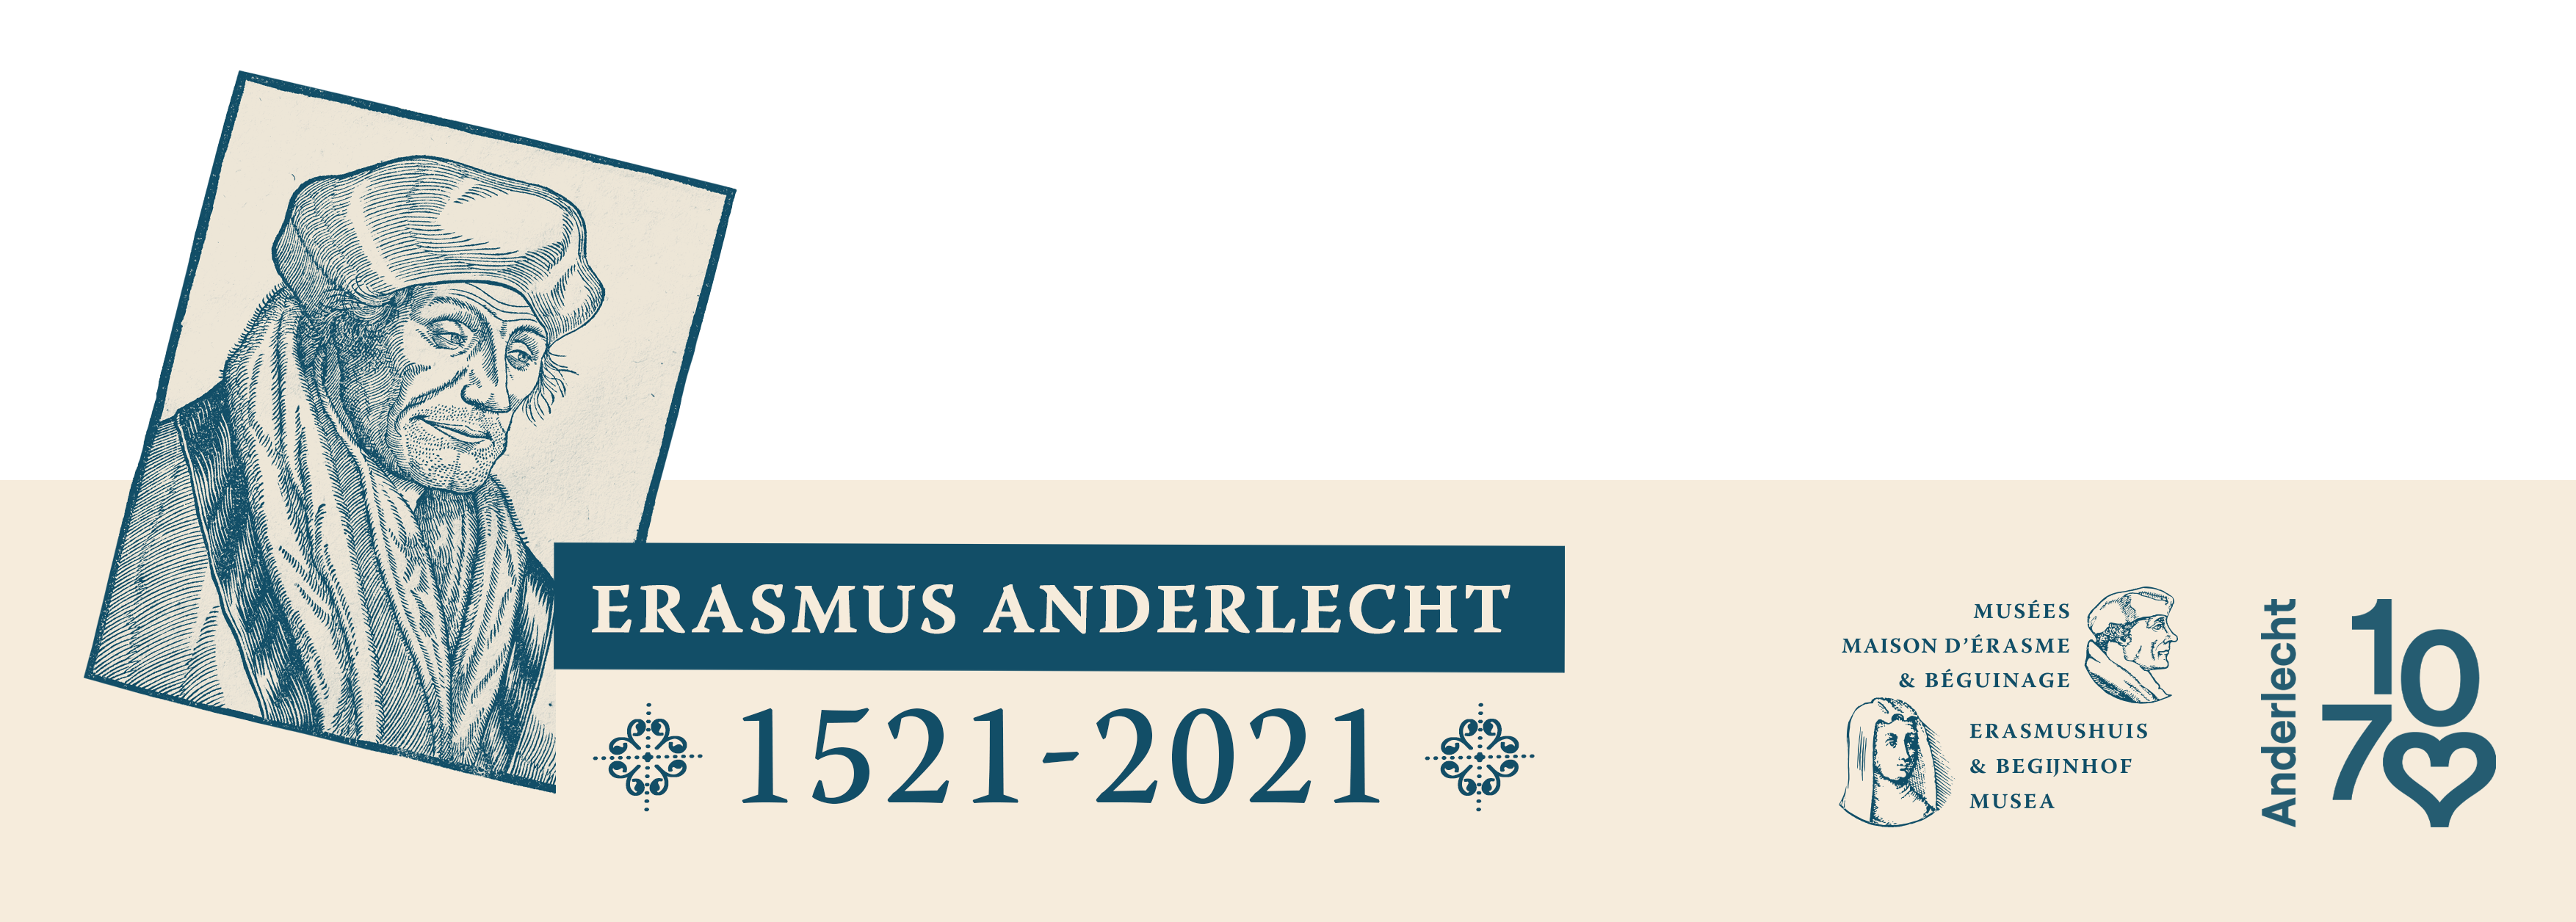 Vignette Erasmus Anderlecht 1521-2021